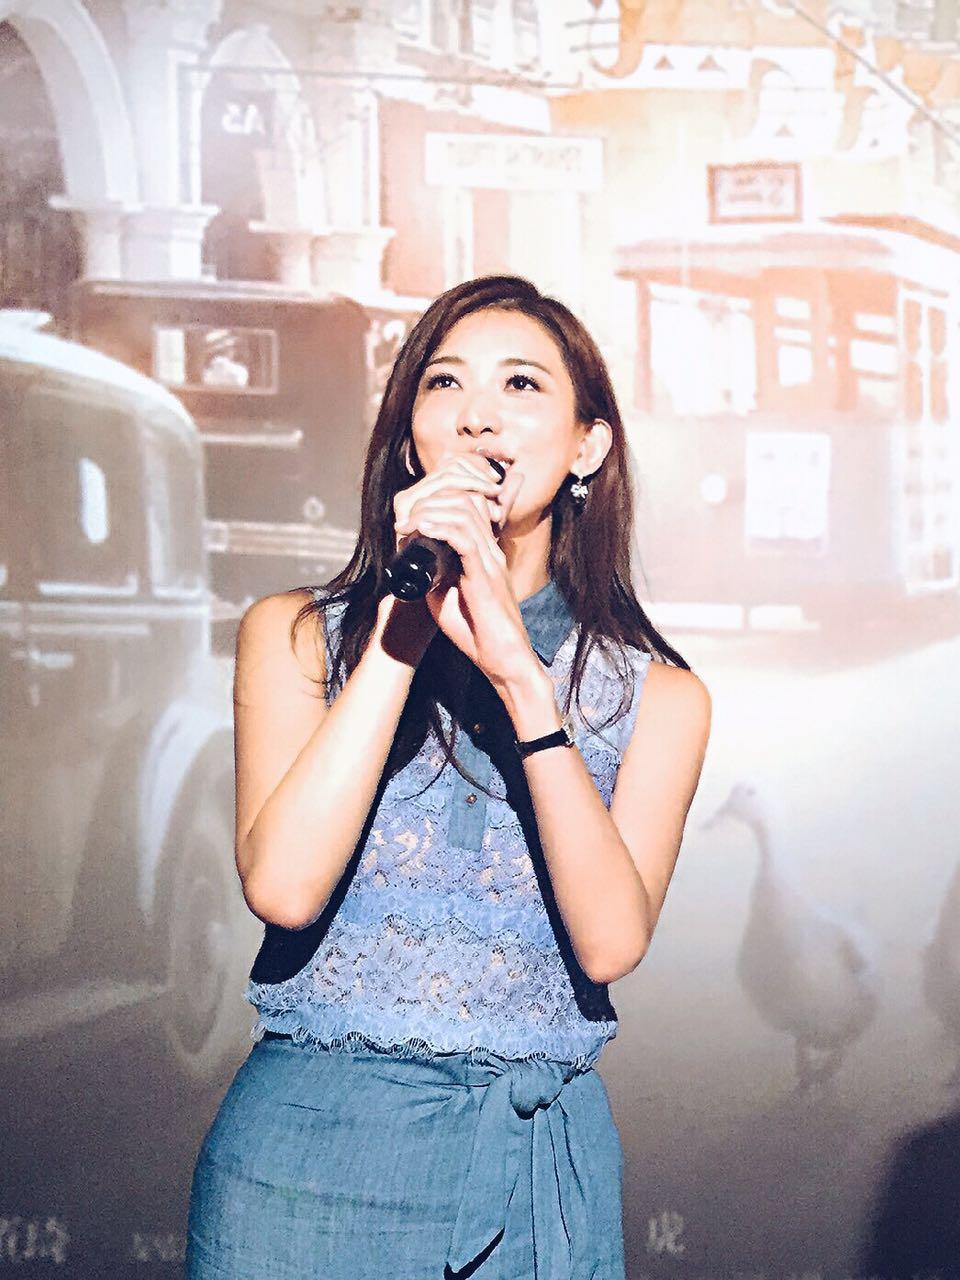 Taiwan Lin Chi Ling -   7月3日影《道士下山》重站-煌店影城 (k - no copyright).jpg